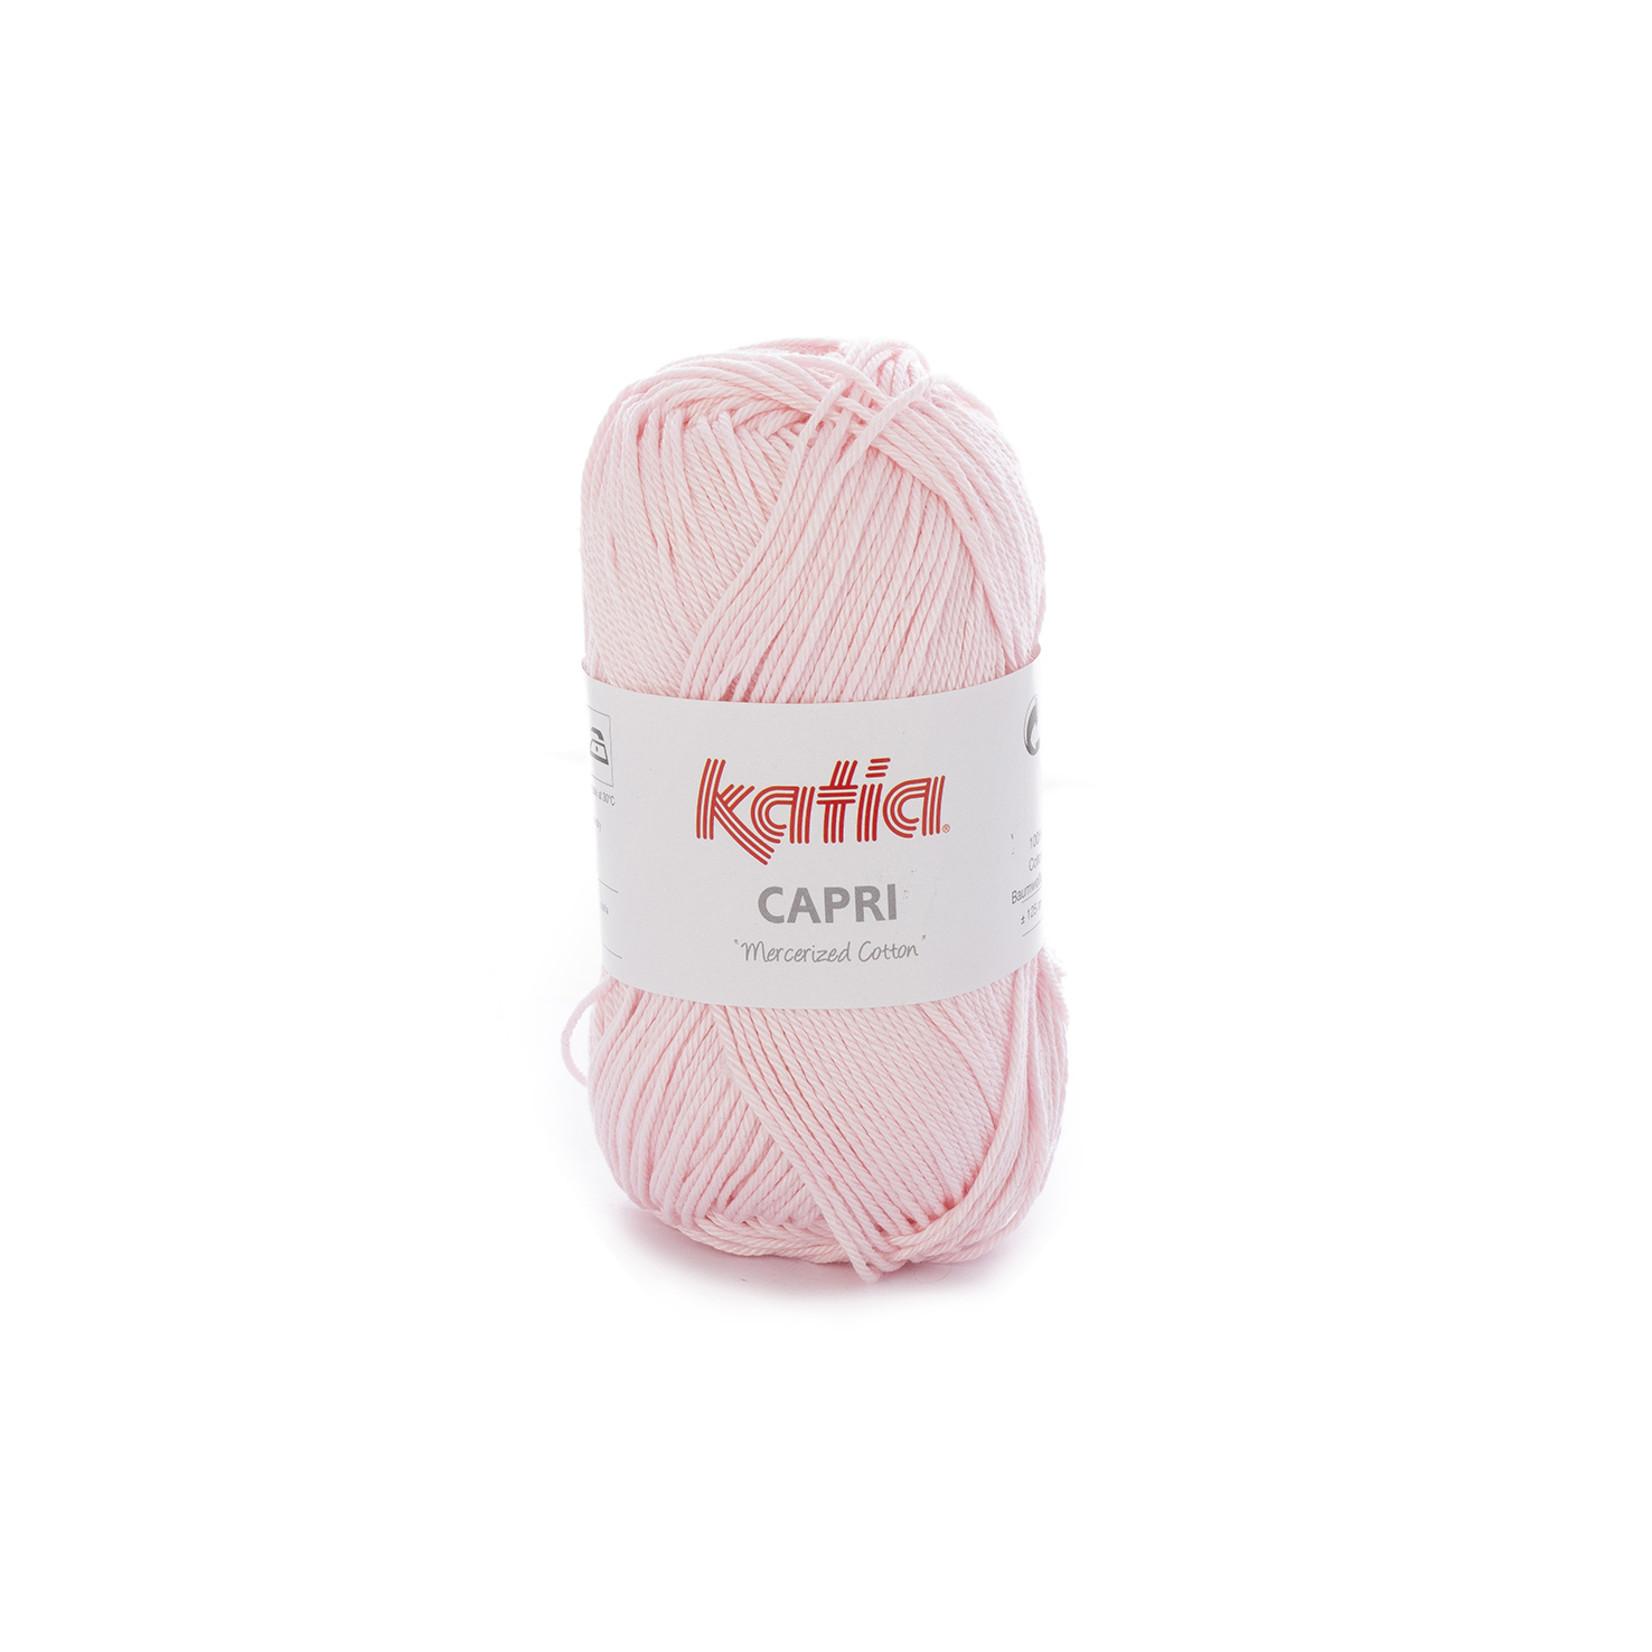 Katia Katia Capri - kleur 169 Lichtroze - 50 gr. = 125 m. - 100% katoen